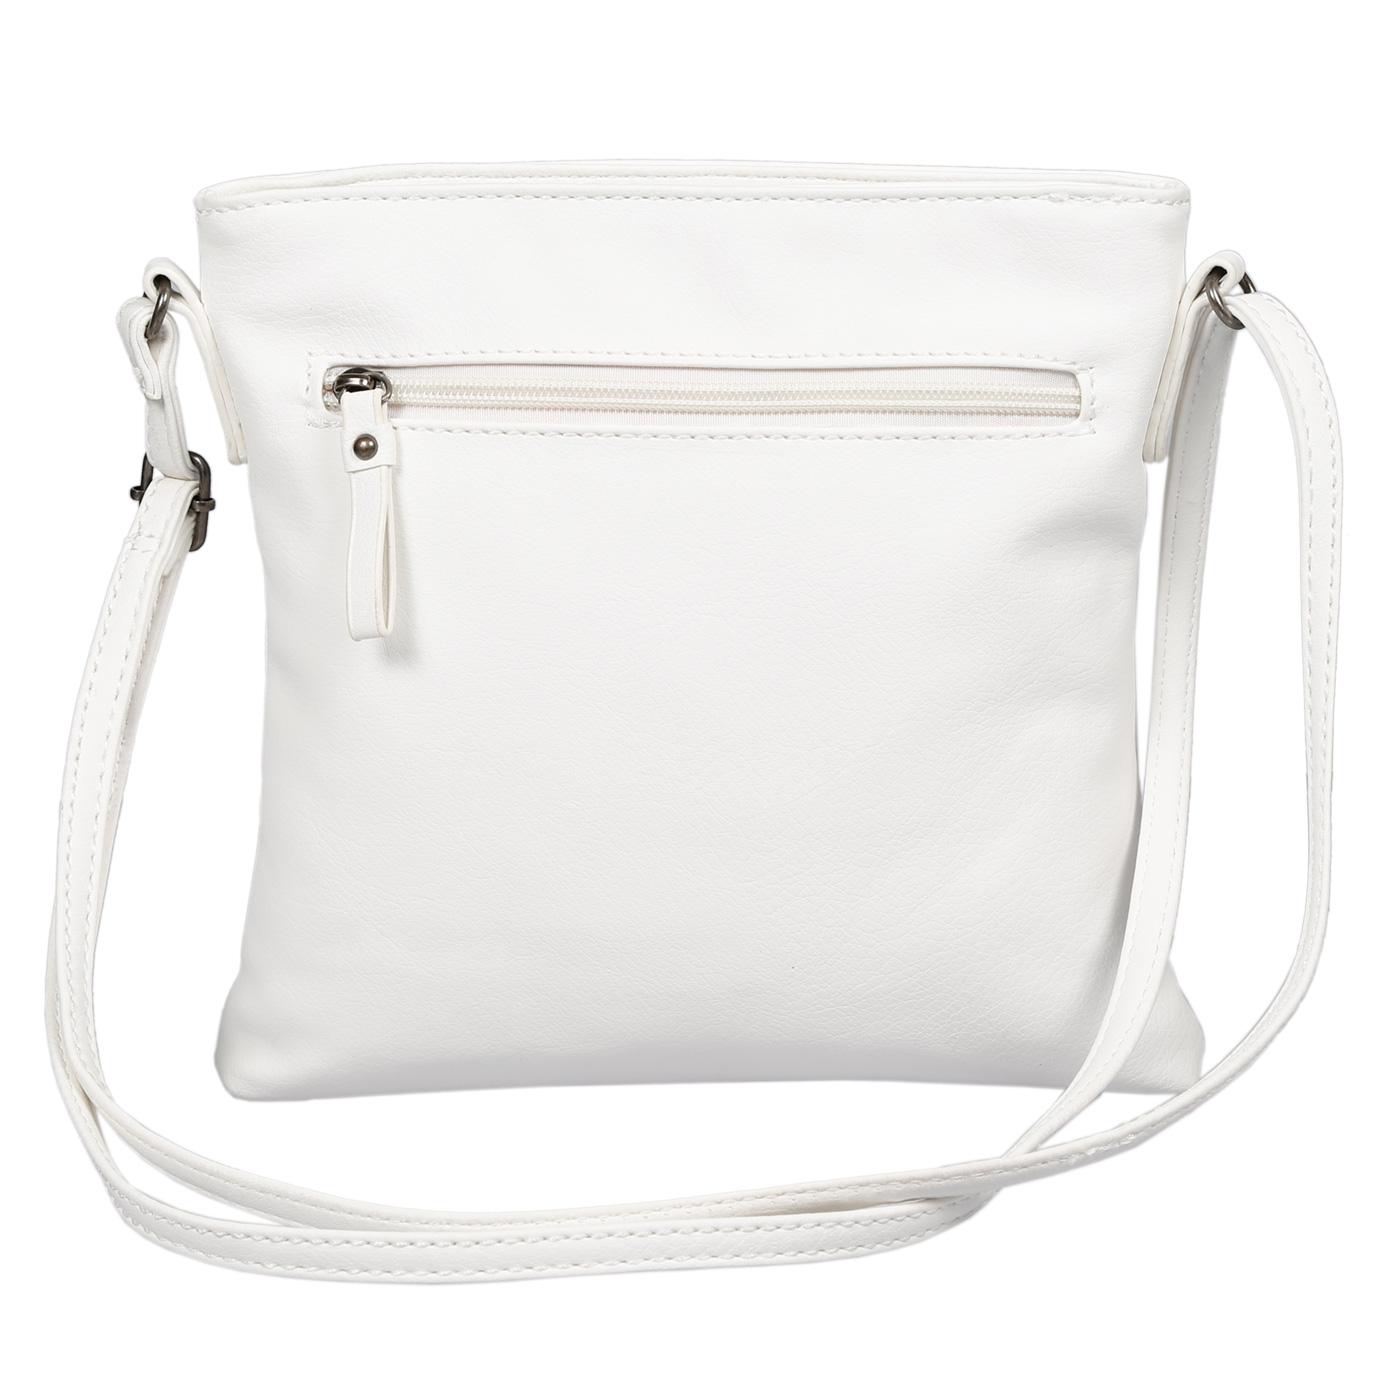 Damen-Handtasche-Umhaengetasche-Schultertasche-Tasche-Leder-Optik-Schwarz-Weiss Indexbild 54